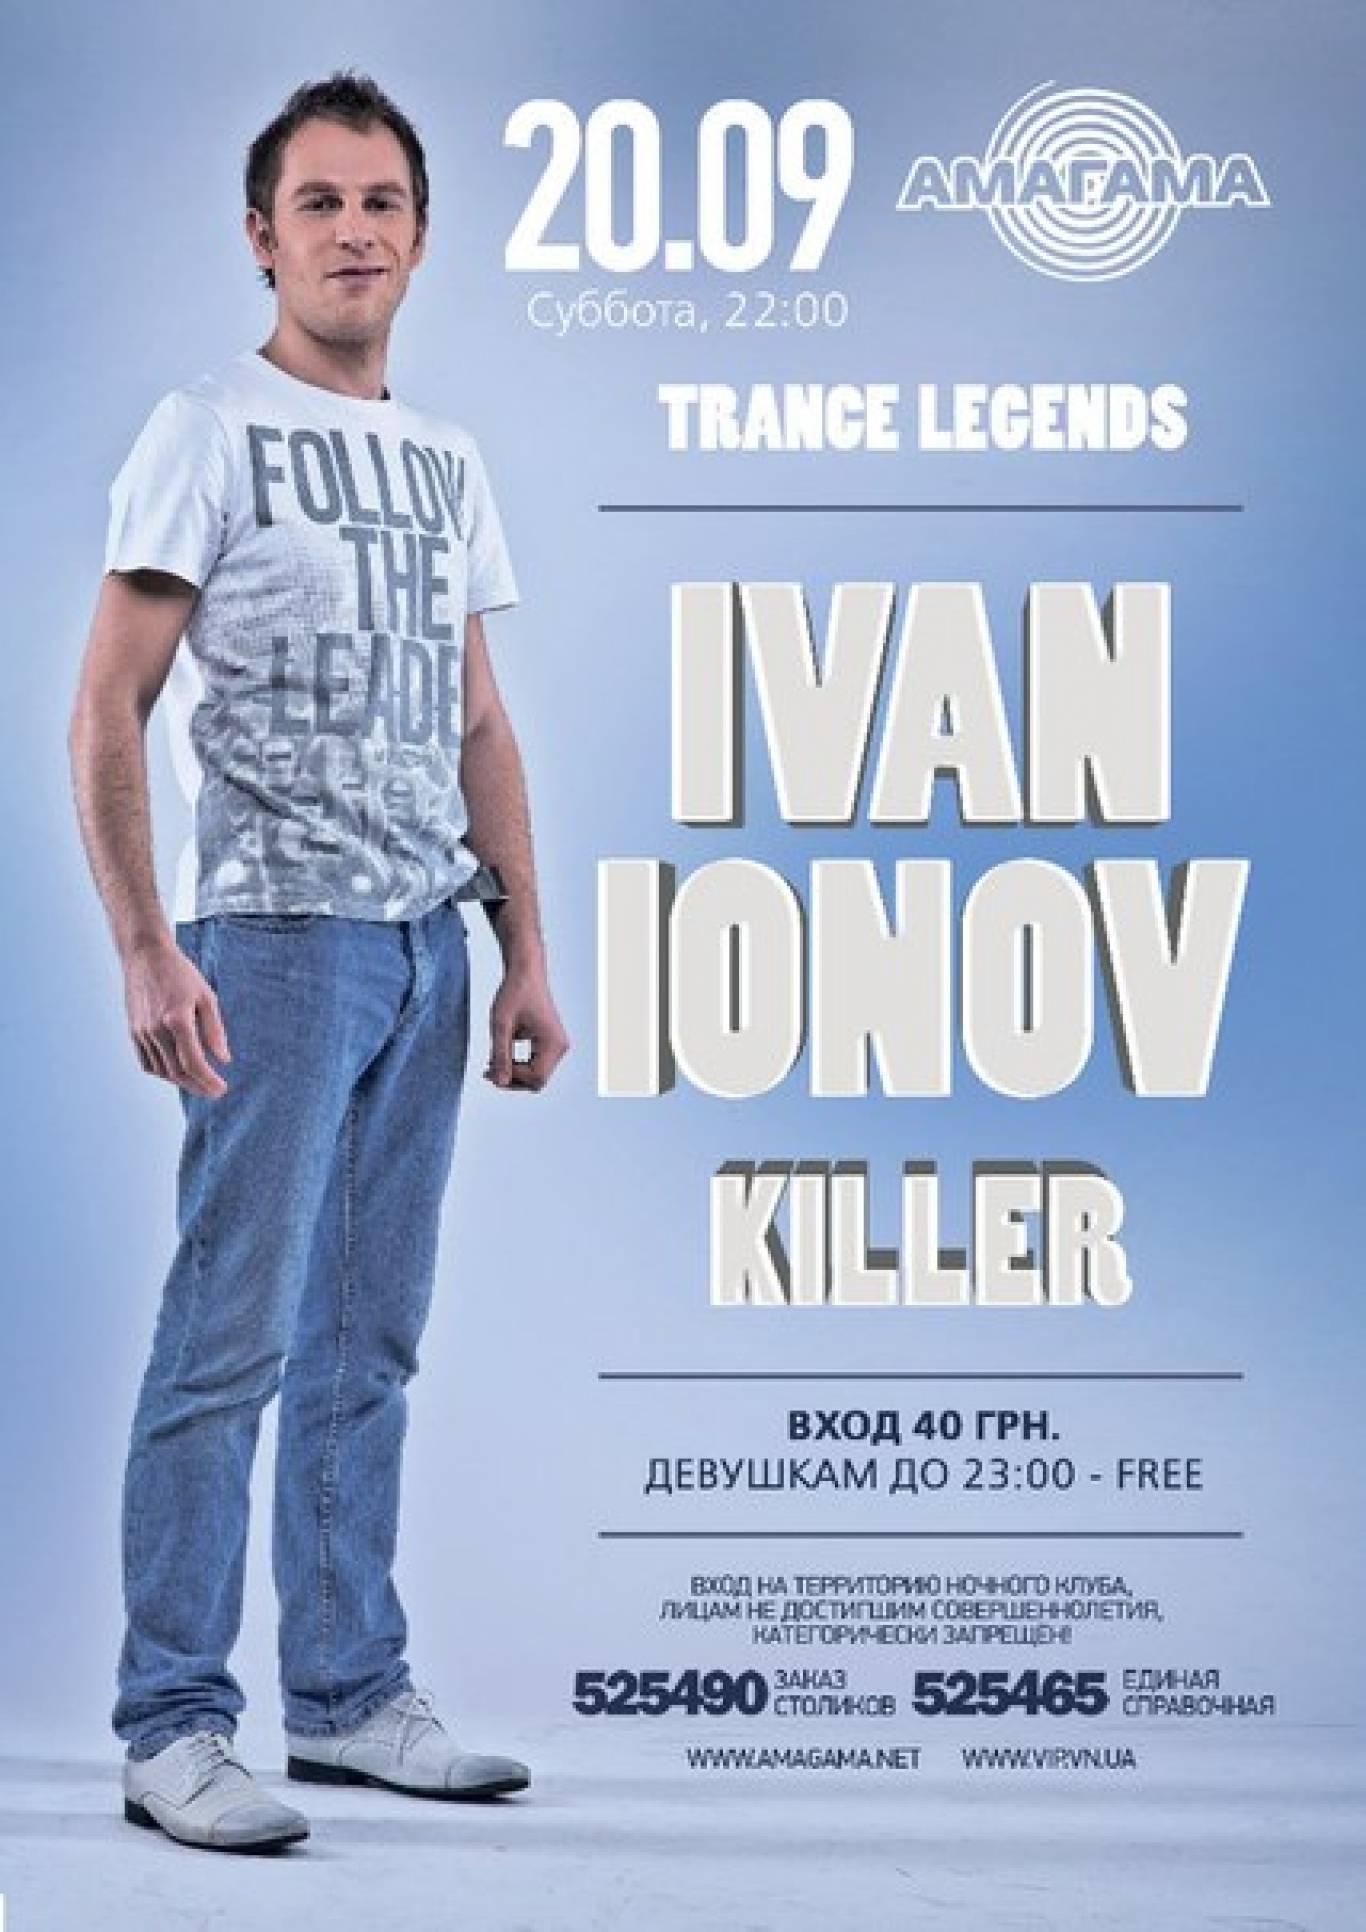 Вечірка з Ivan Ionov